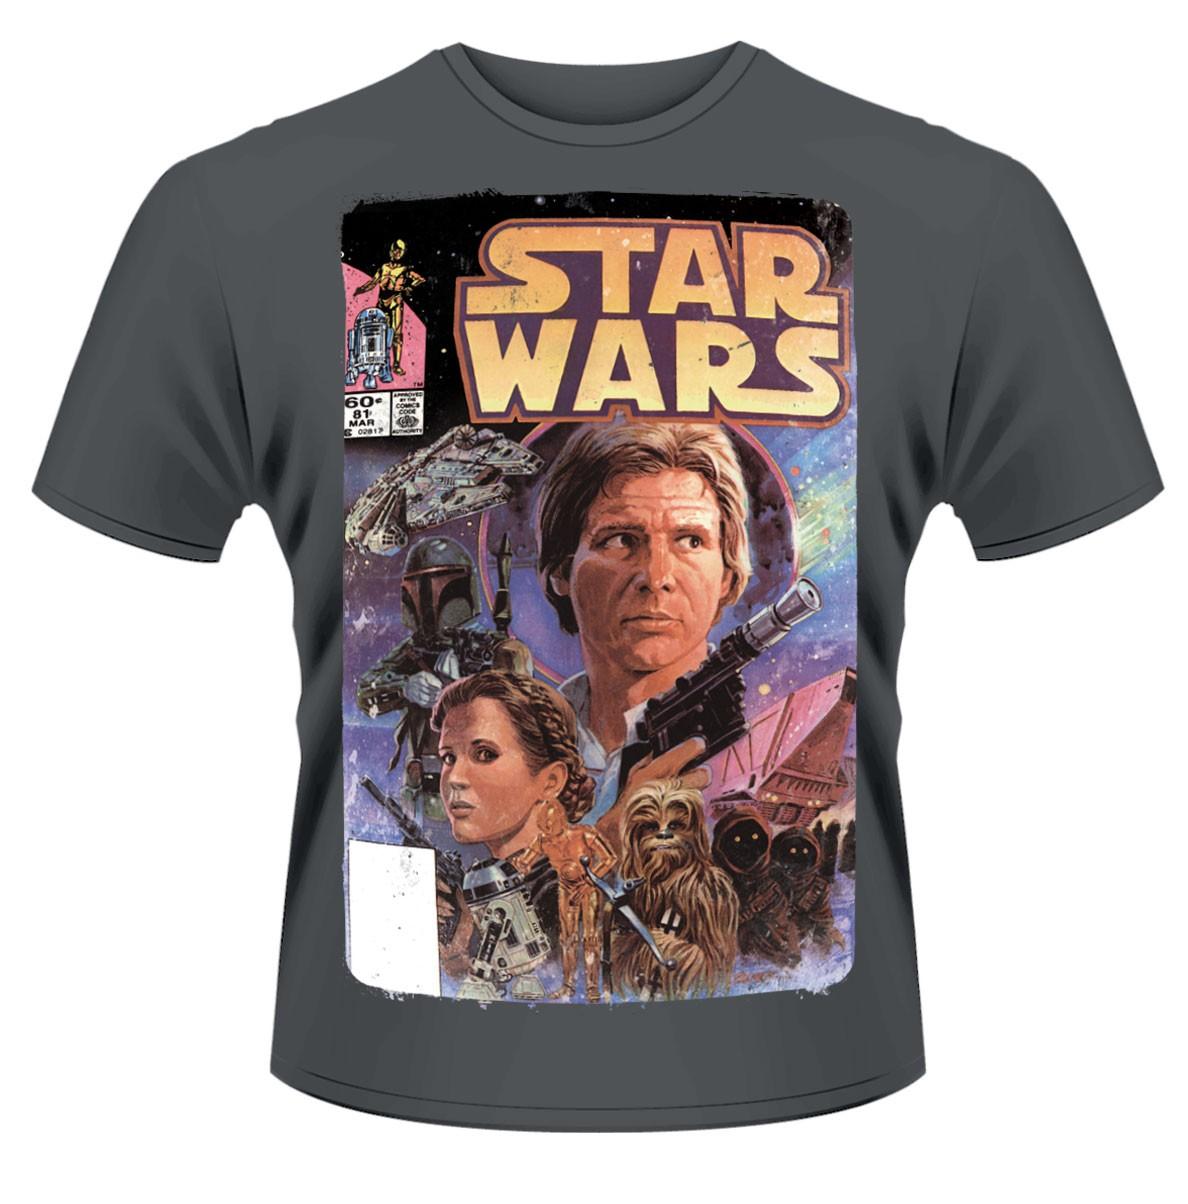 starwars comicon apparel Z972ww